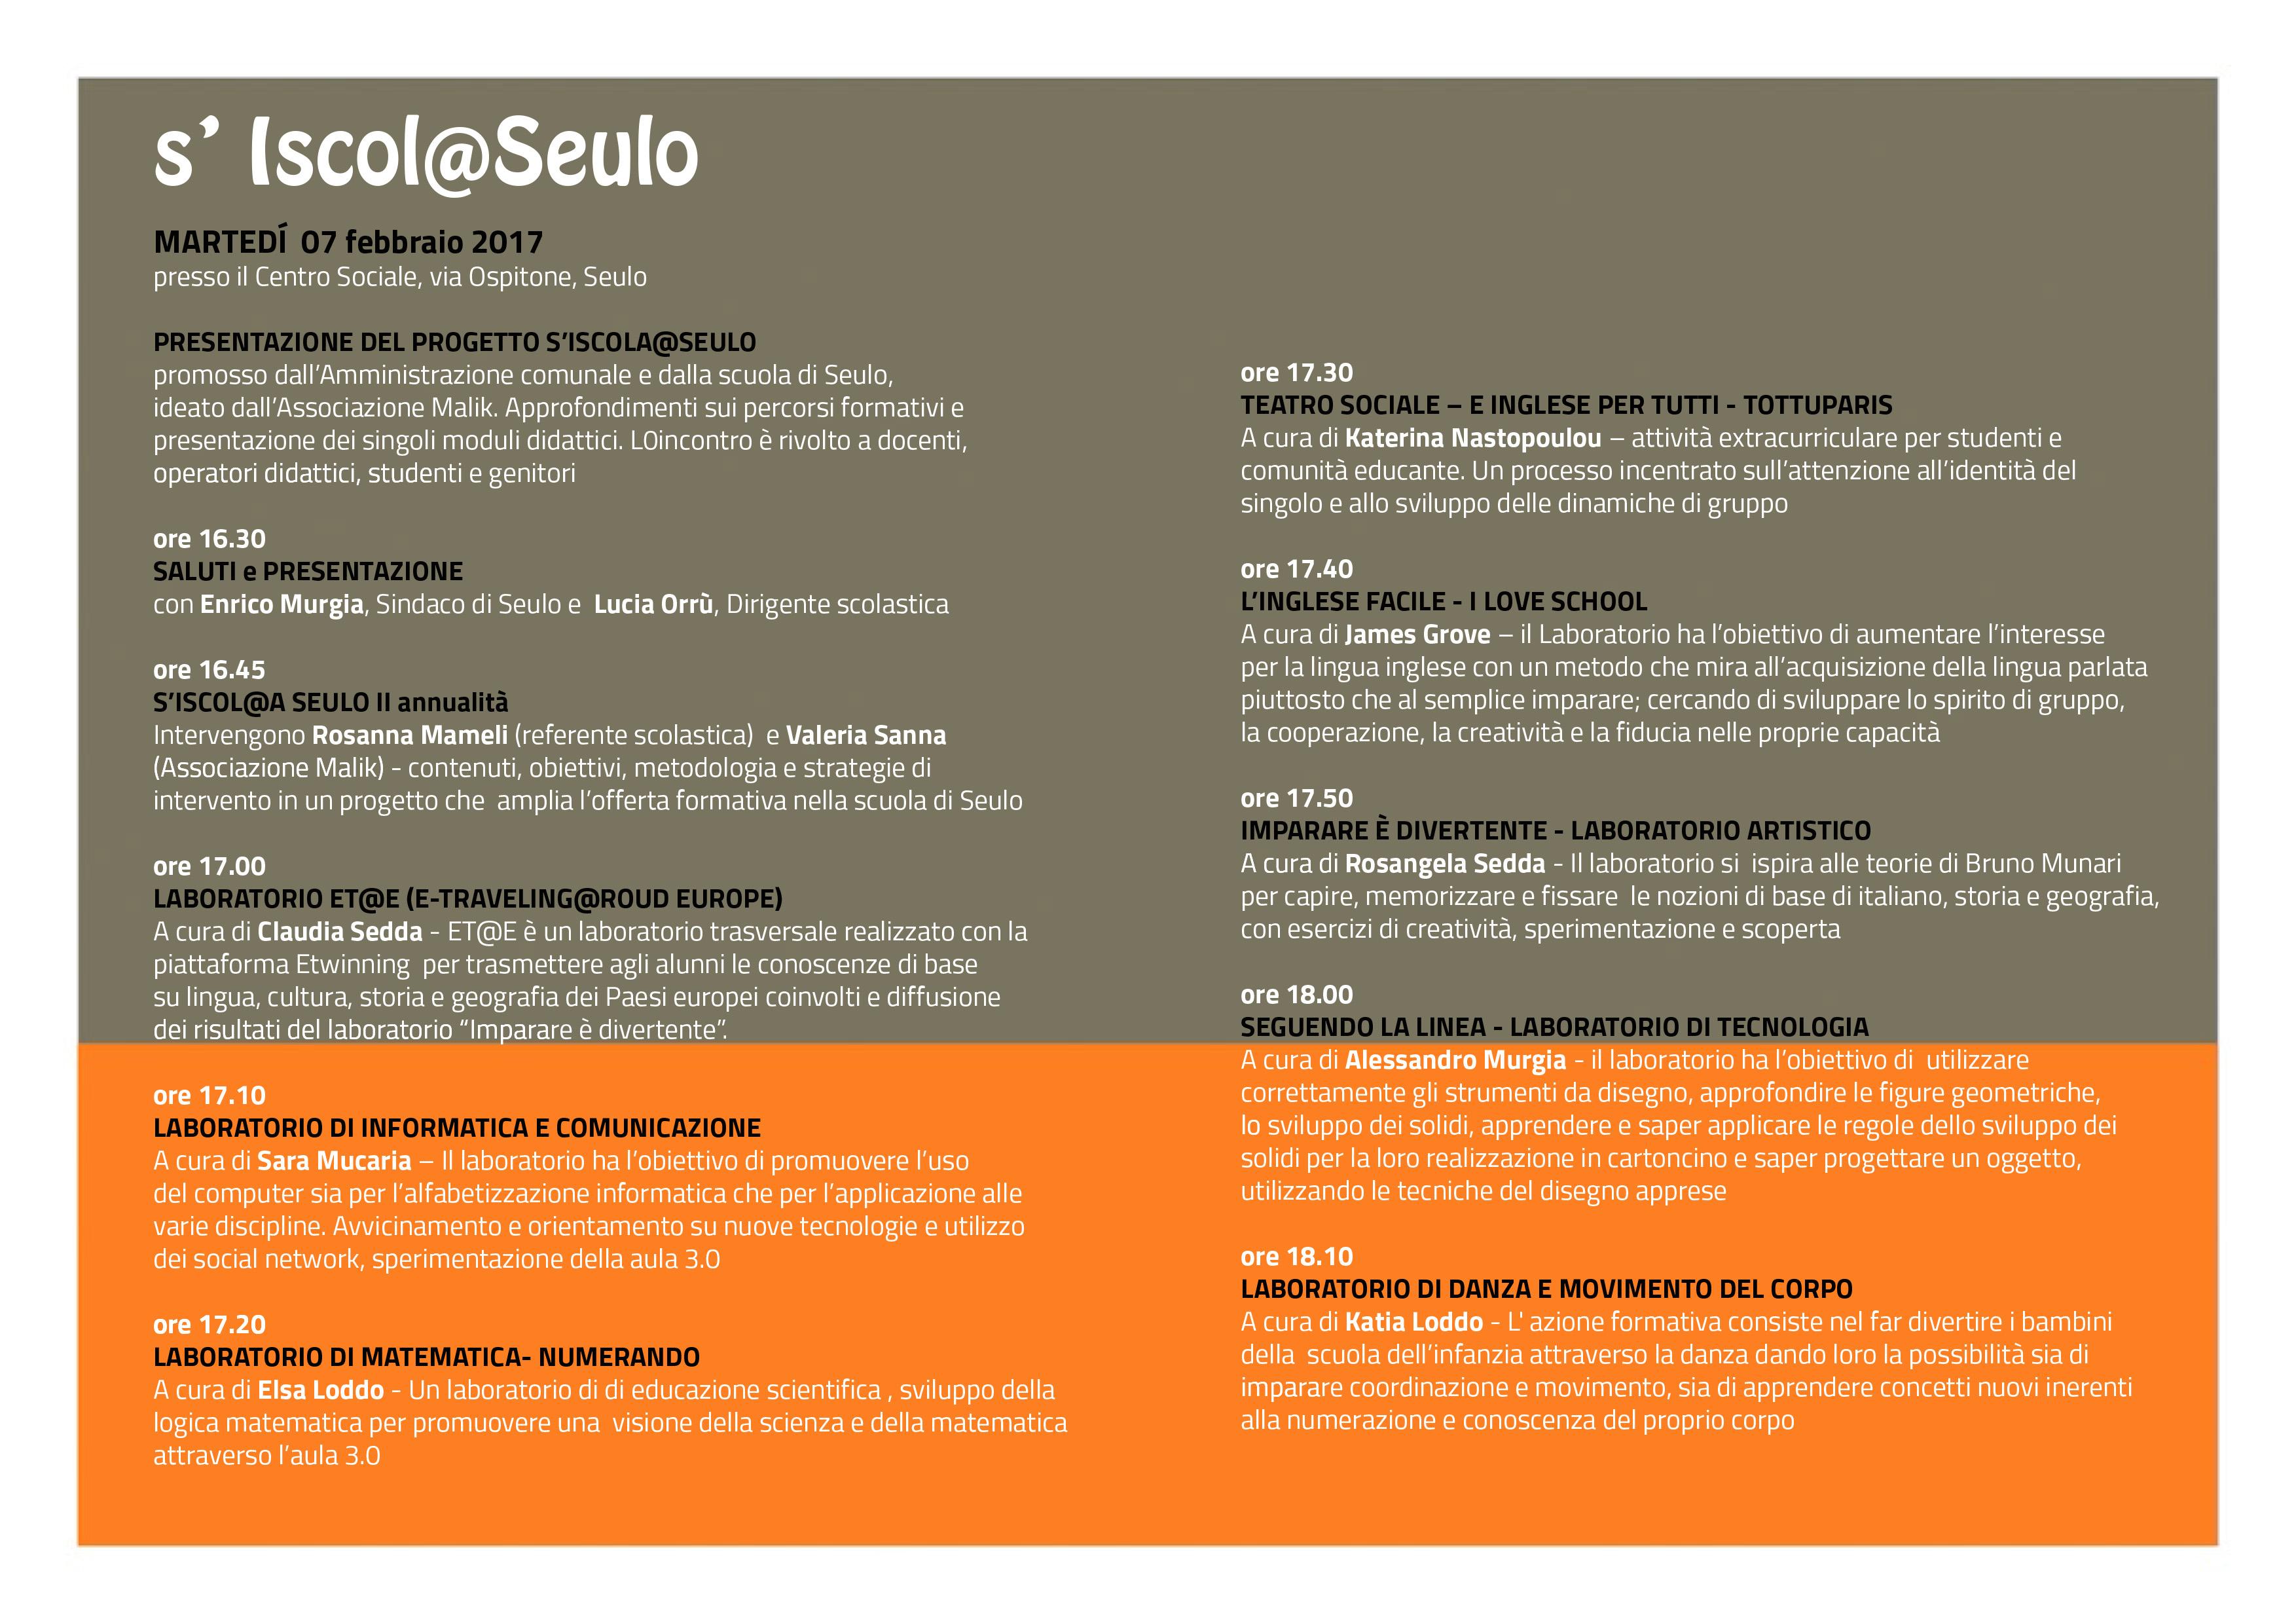 sIscol%40seulo 2016-17-2